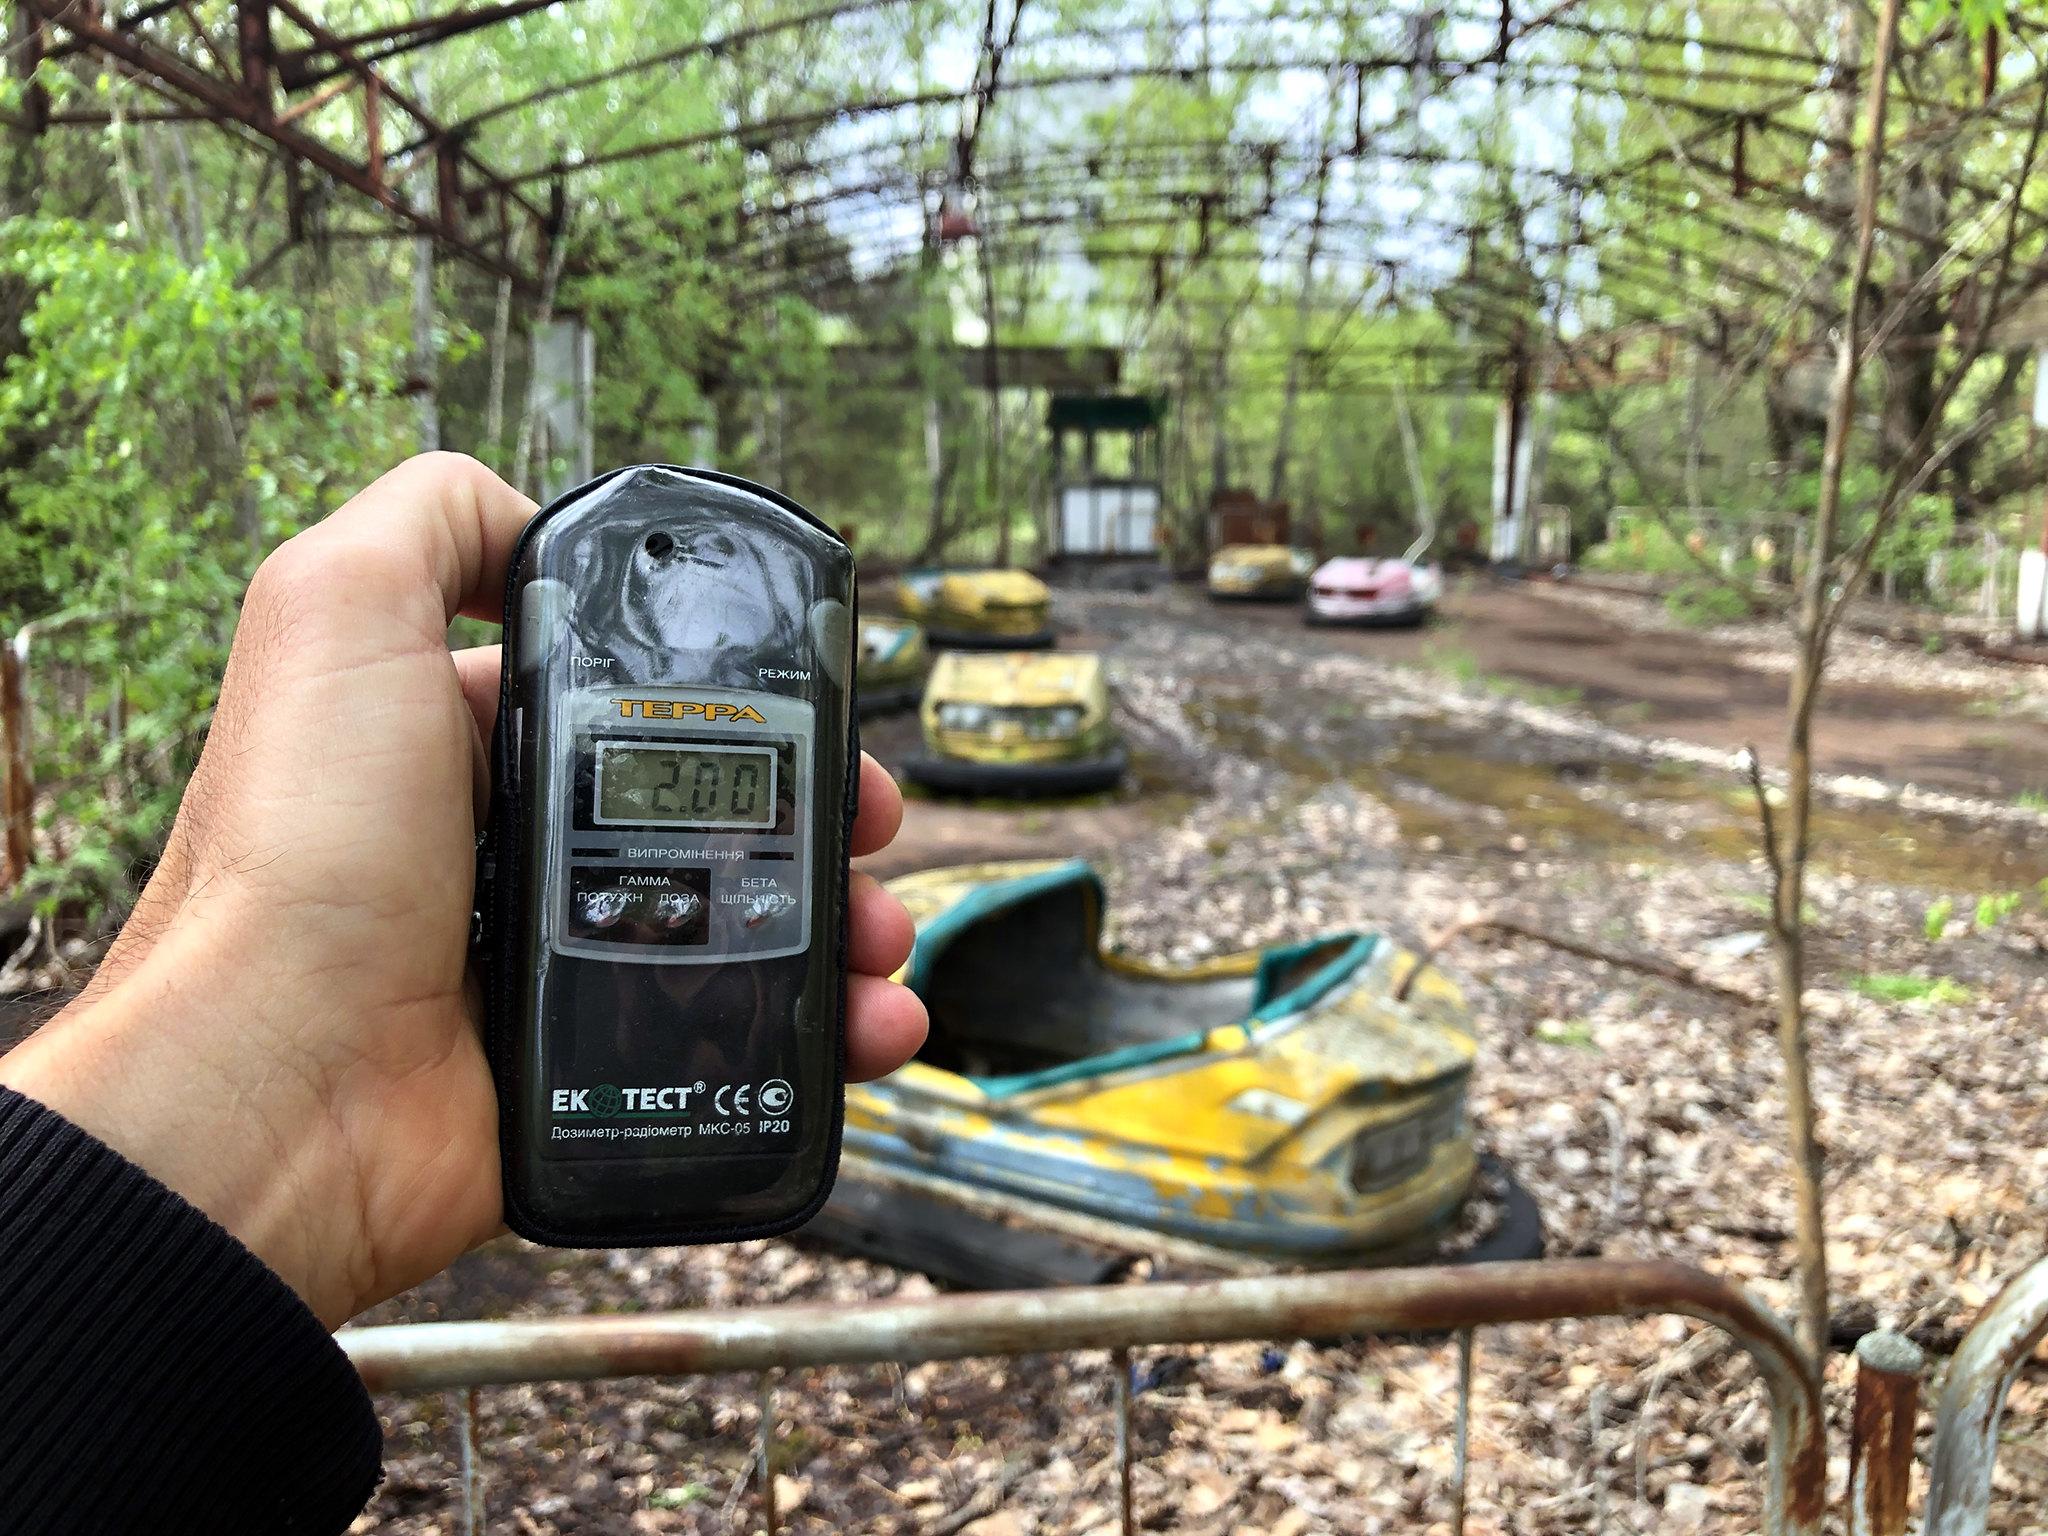 Visitar Chernóbil - Visitar Chernobyl Ucrania Ukraine Pripyat visitar chernóbil - 47045821954 26c423412f k - Visitar Chernóbil: el lugar más contaminado del planeta